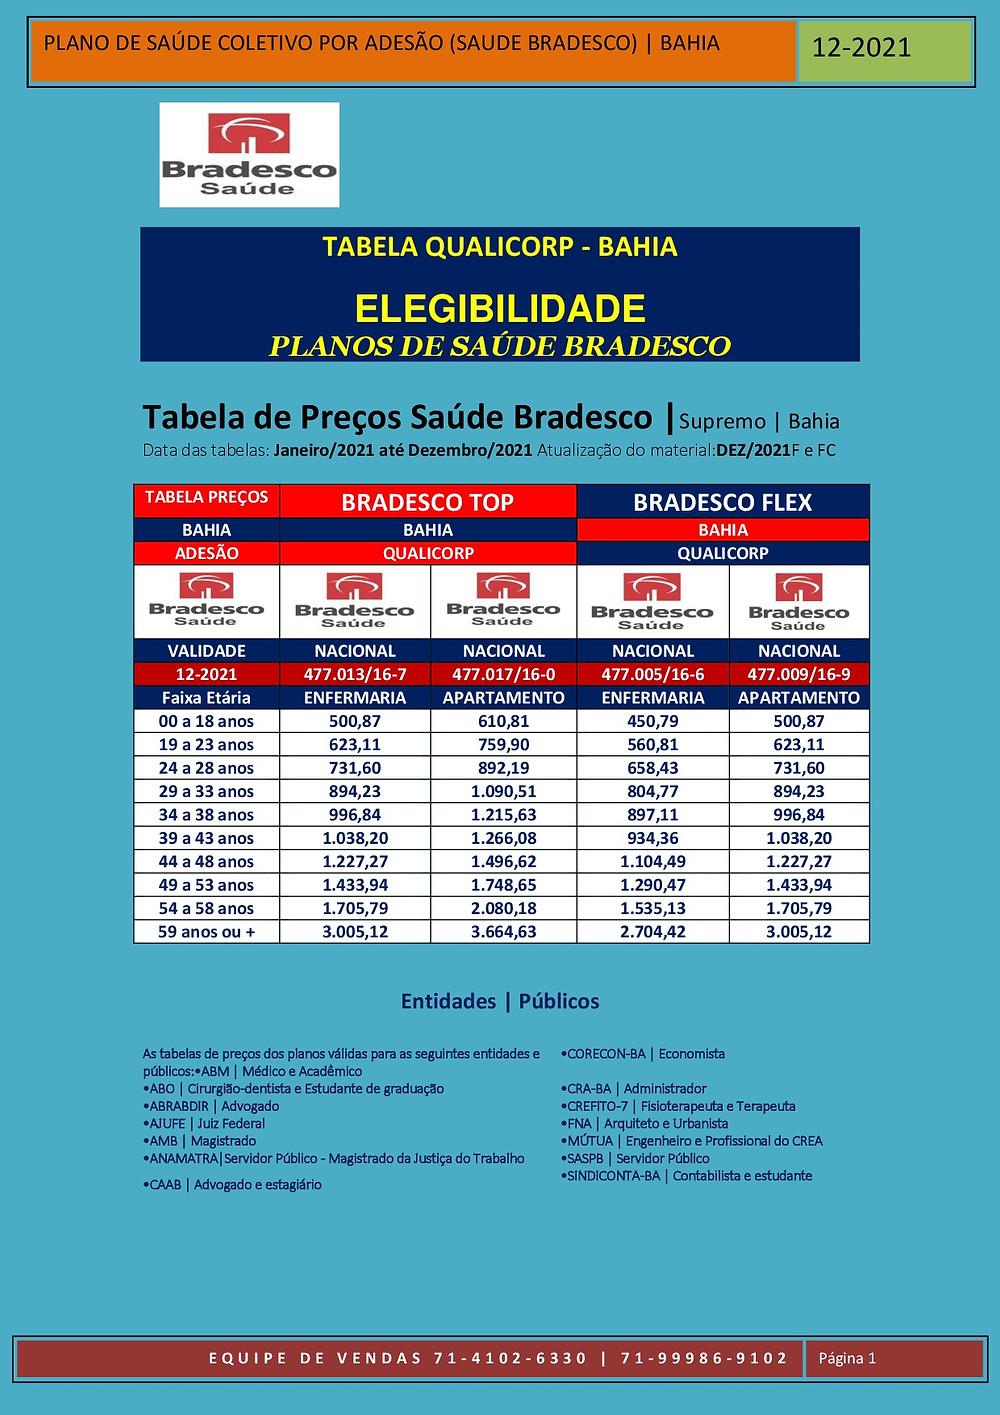 Saude Bradesco por Adesão | Tabelas Qualicorp